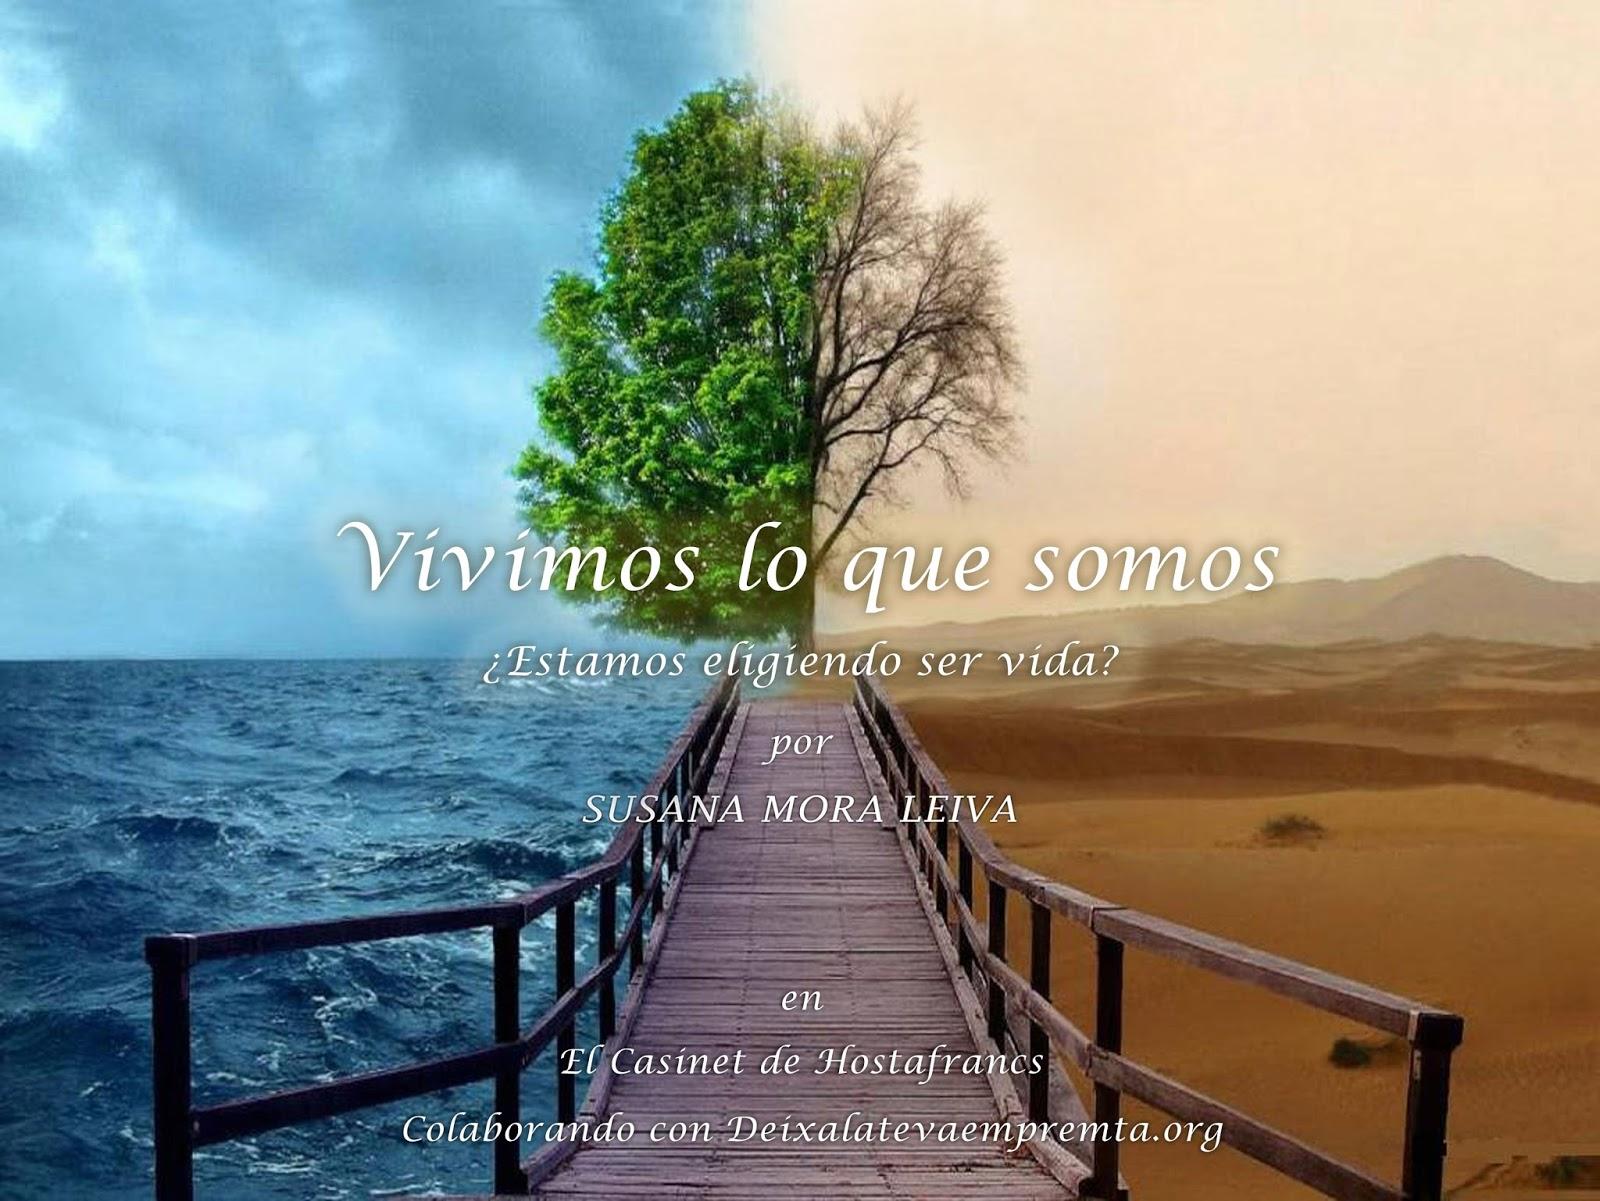 VIVIMOS LO QUE SOMOS, Conferencia por  Susana Mora